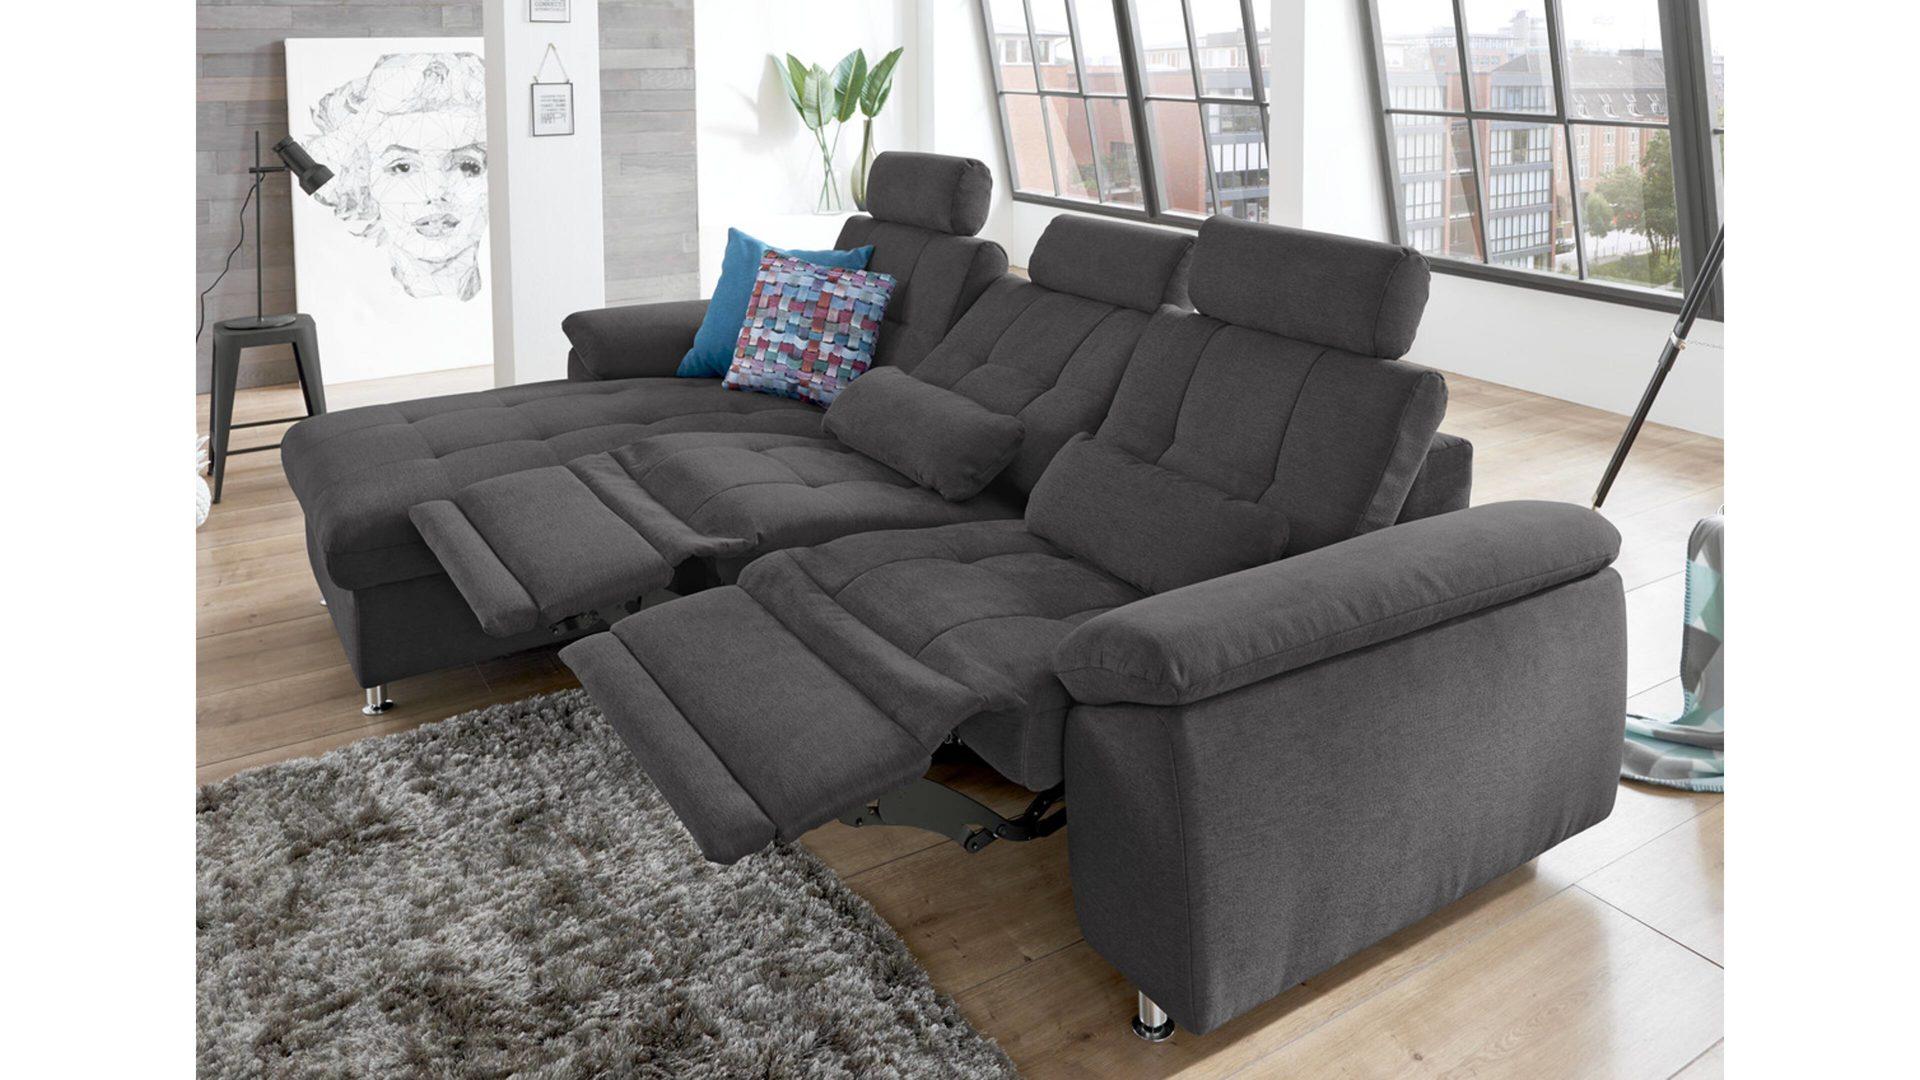 Eckkombination Aus Canape Sofa Und Couch Anthrazitfarbener Bezug